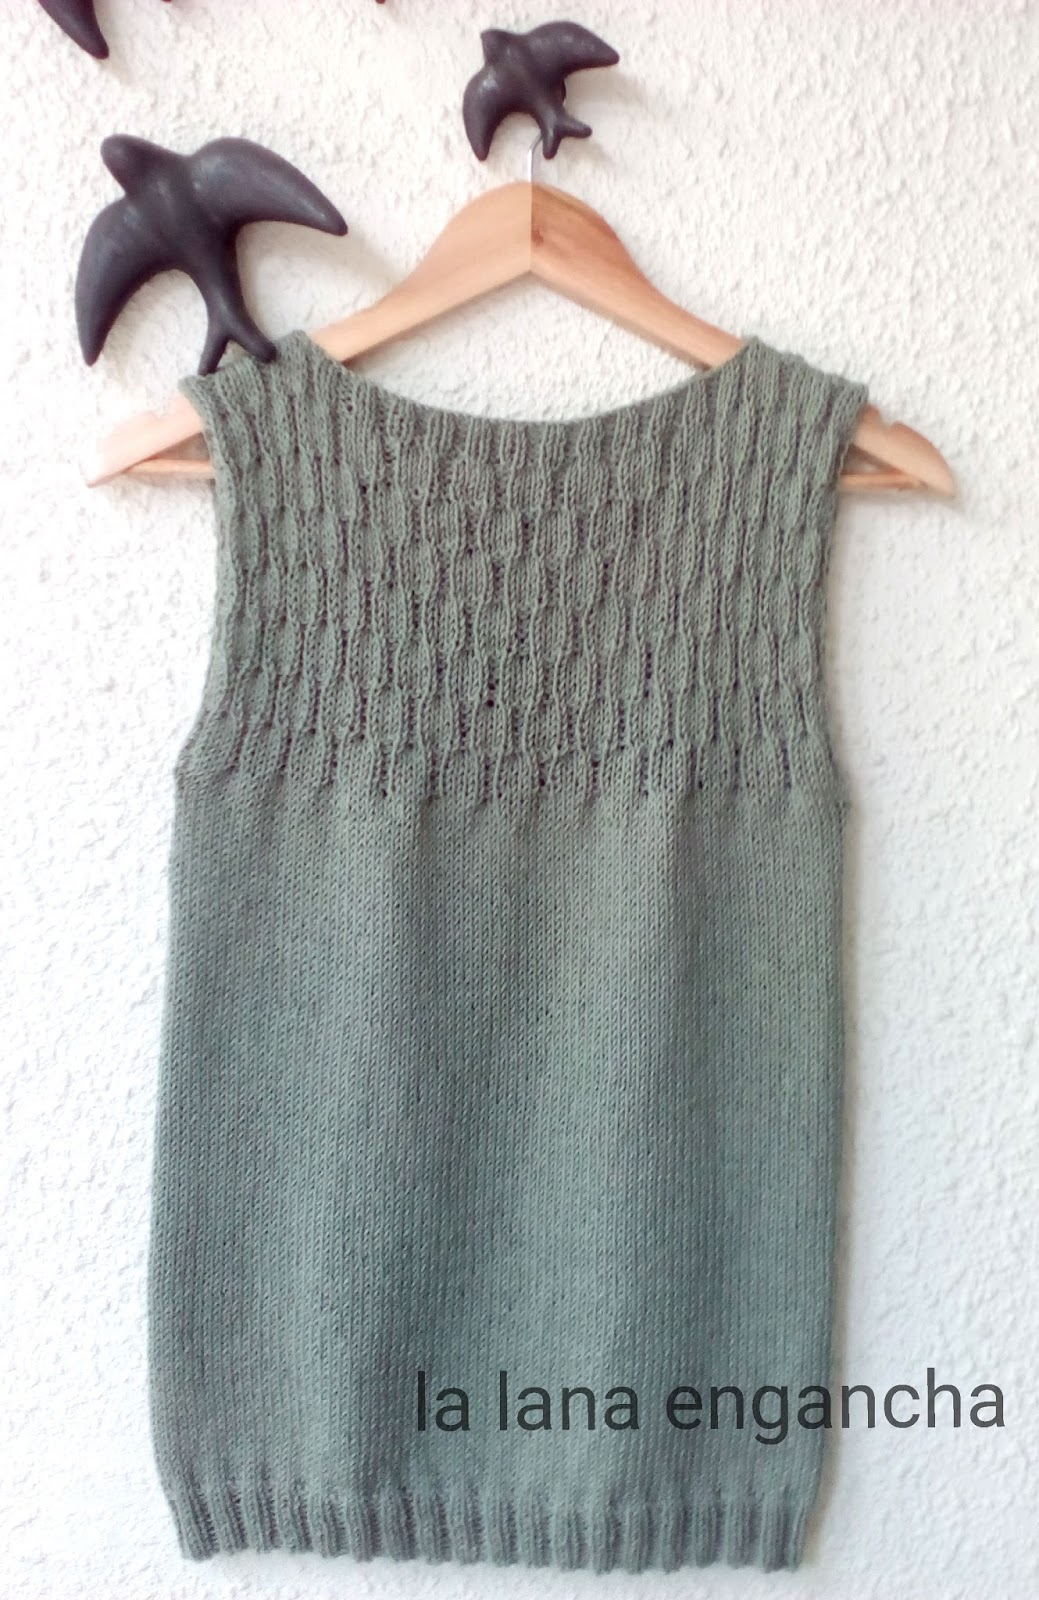 La lana engancha: TOP DE VERANO CON AGUJAS CIRCULARES